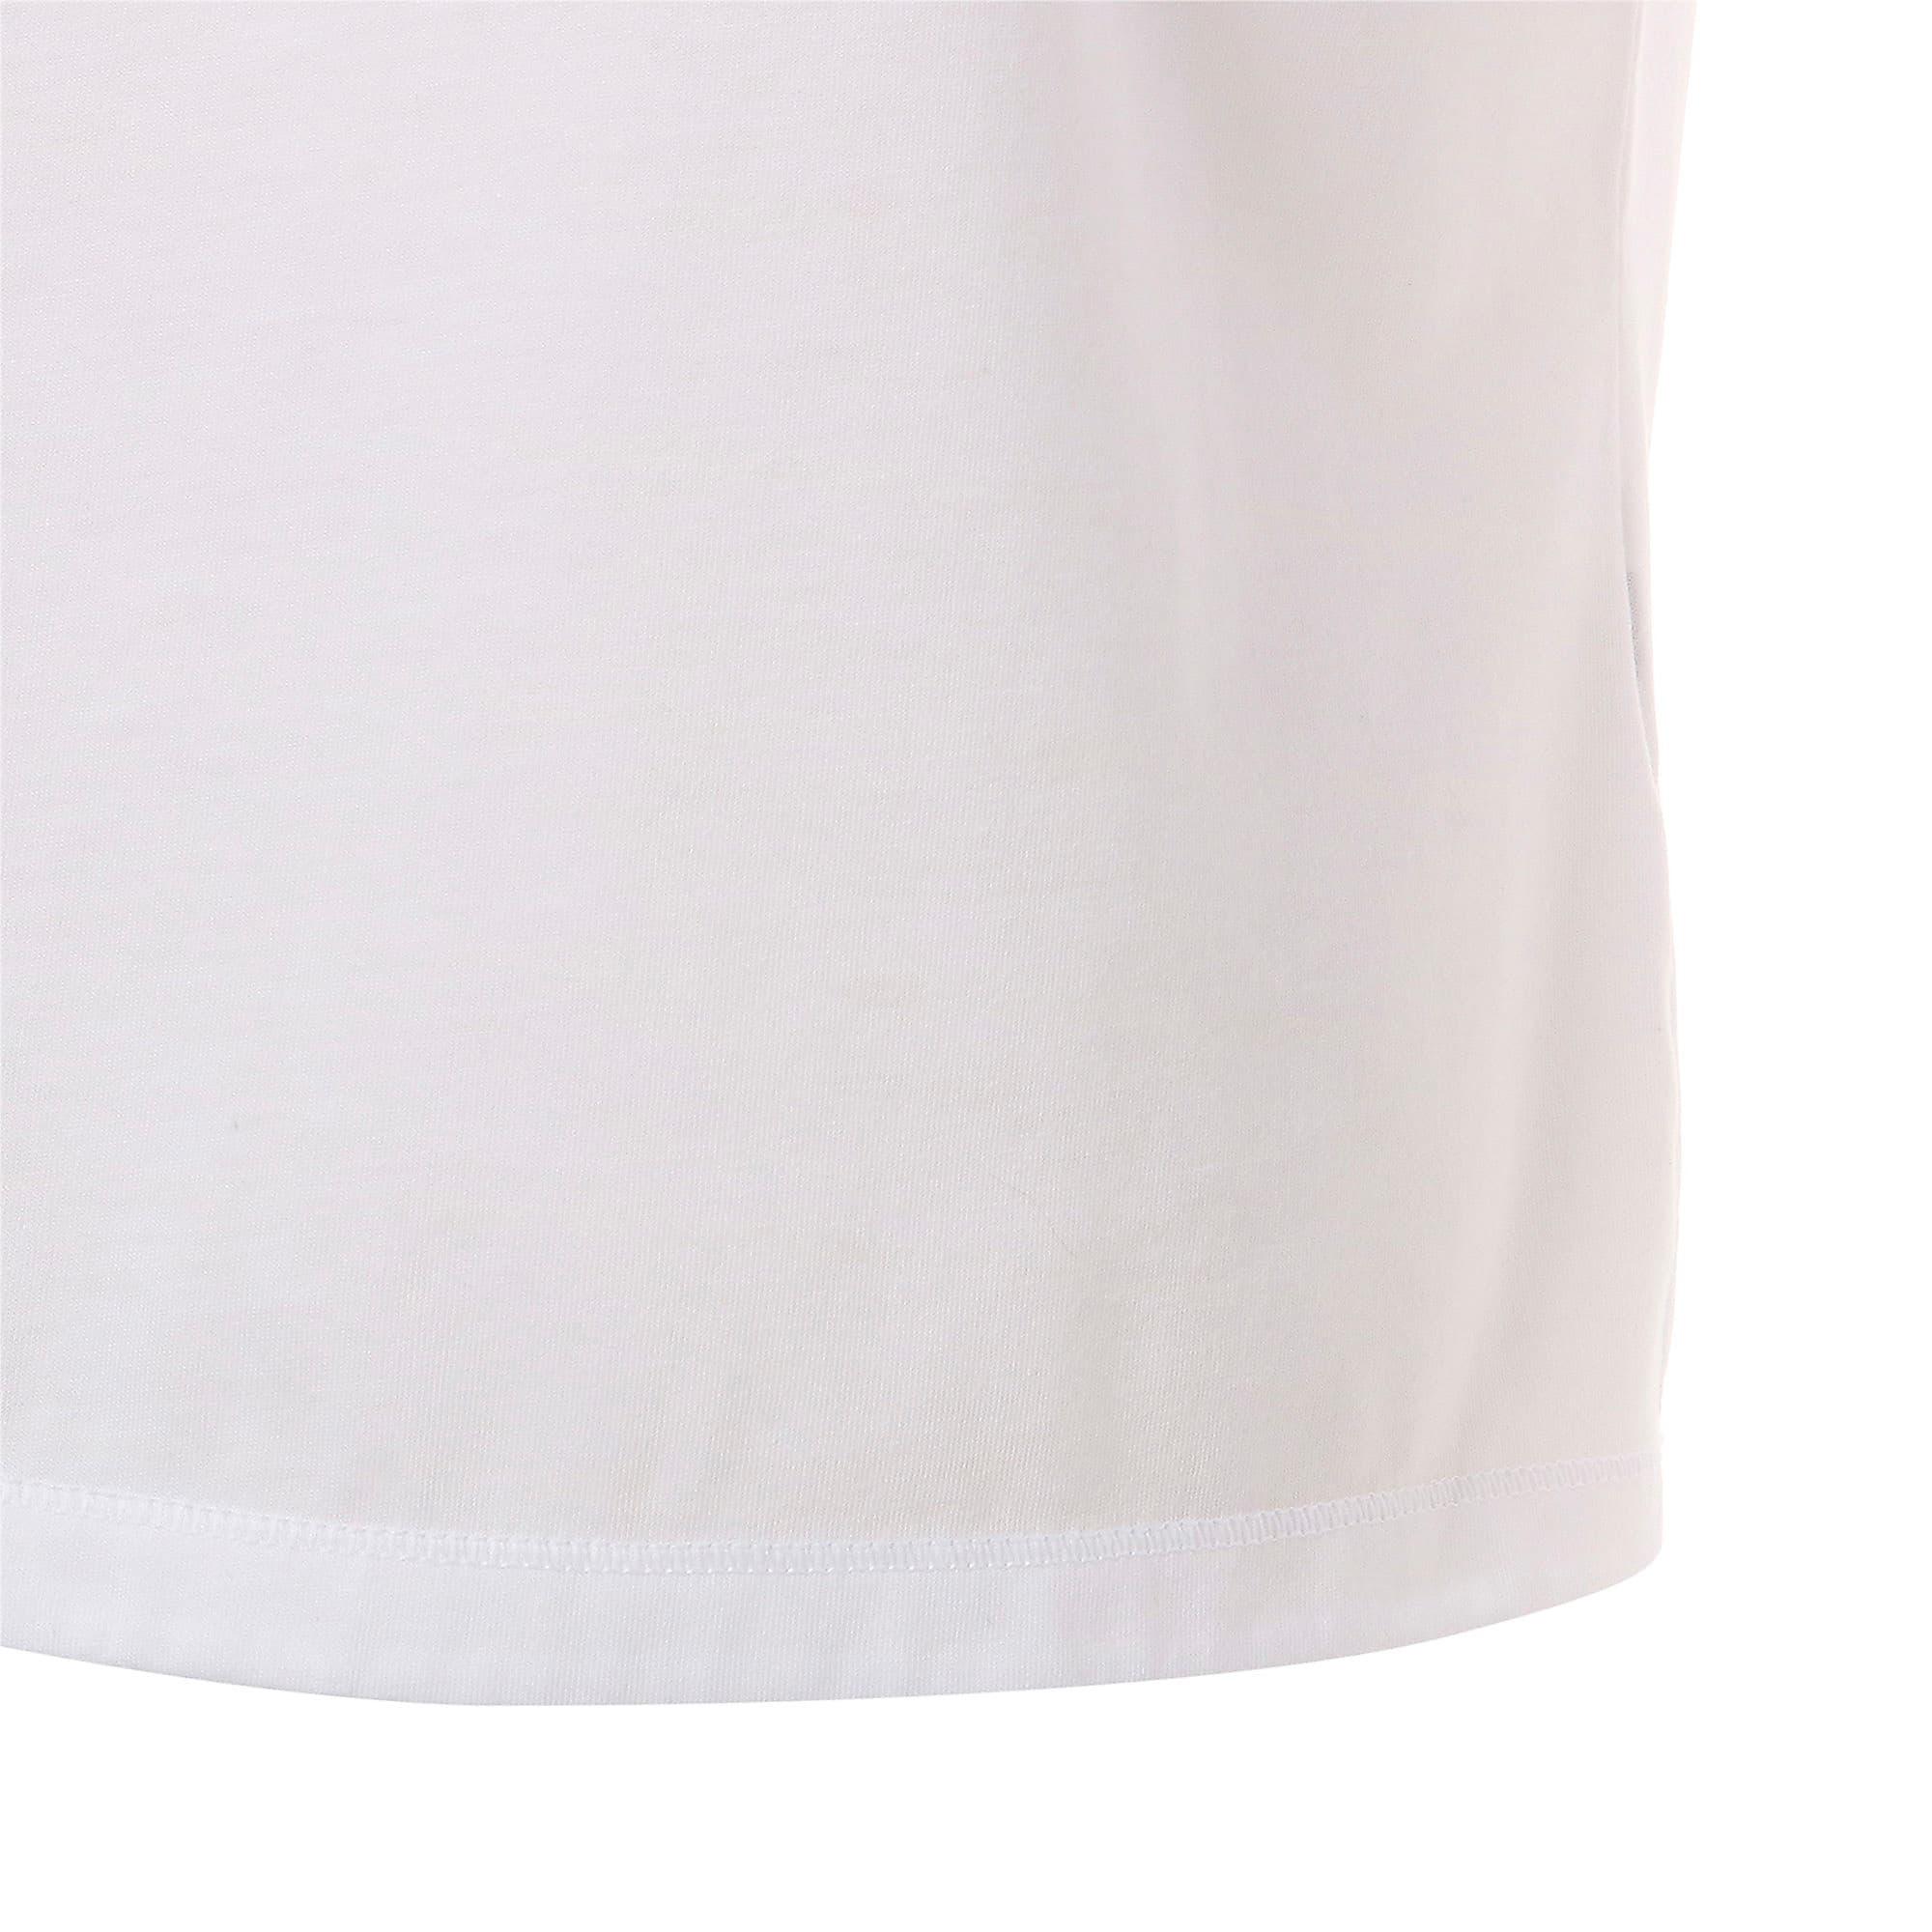 Thumbnail 9 of FAVORITE キャット SS ウィメンズ トレーニング Tシャツ 半袖, Puma White-CAT Q3, medium-JPN